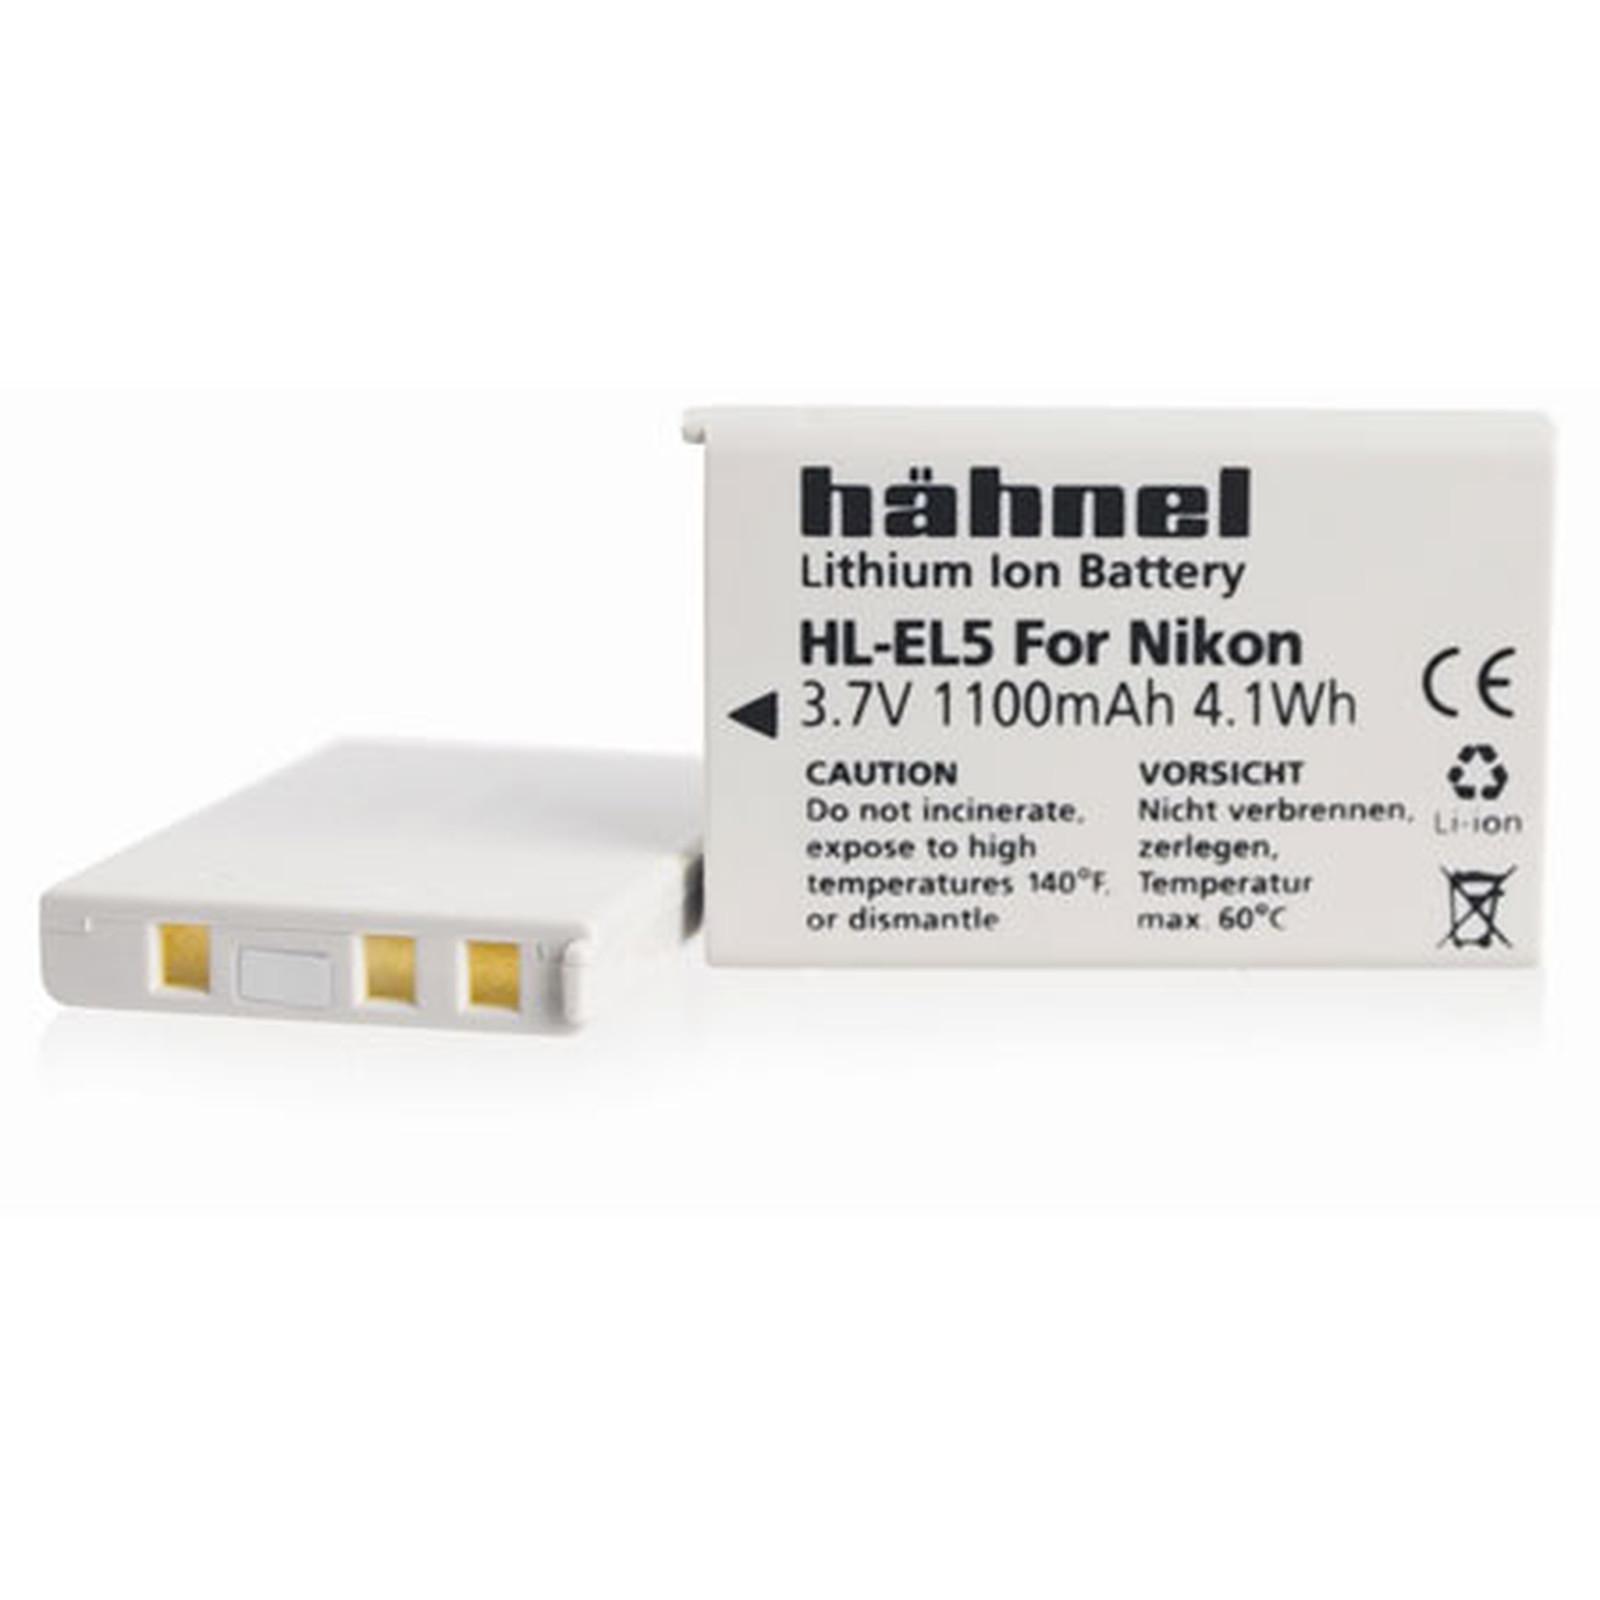 Hähnel HL-EL5